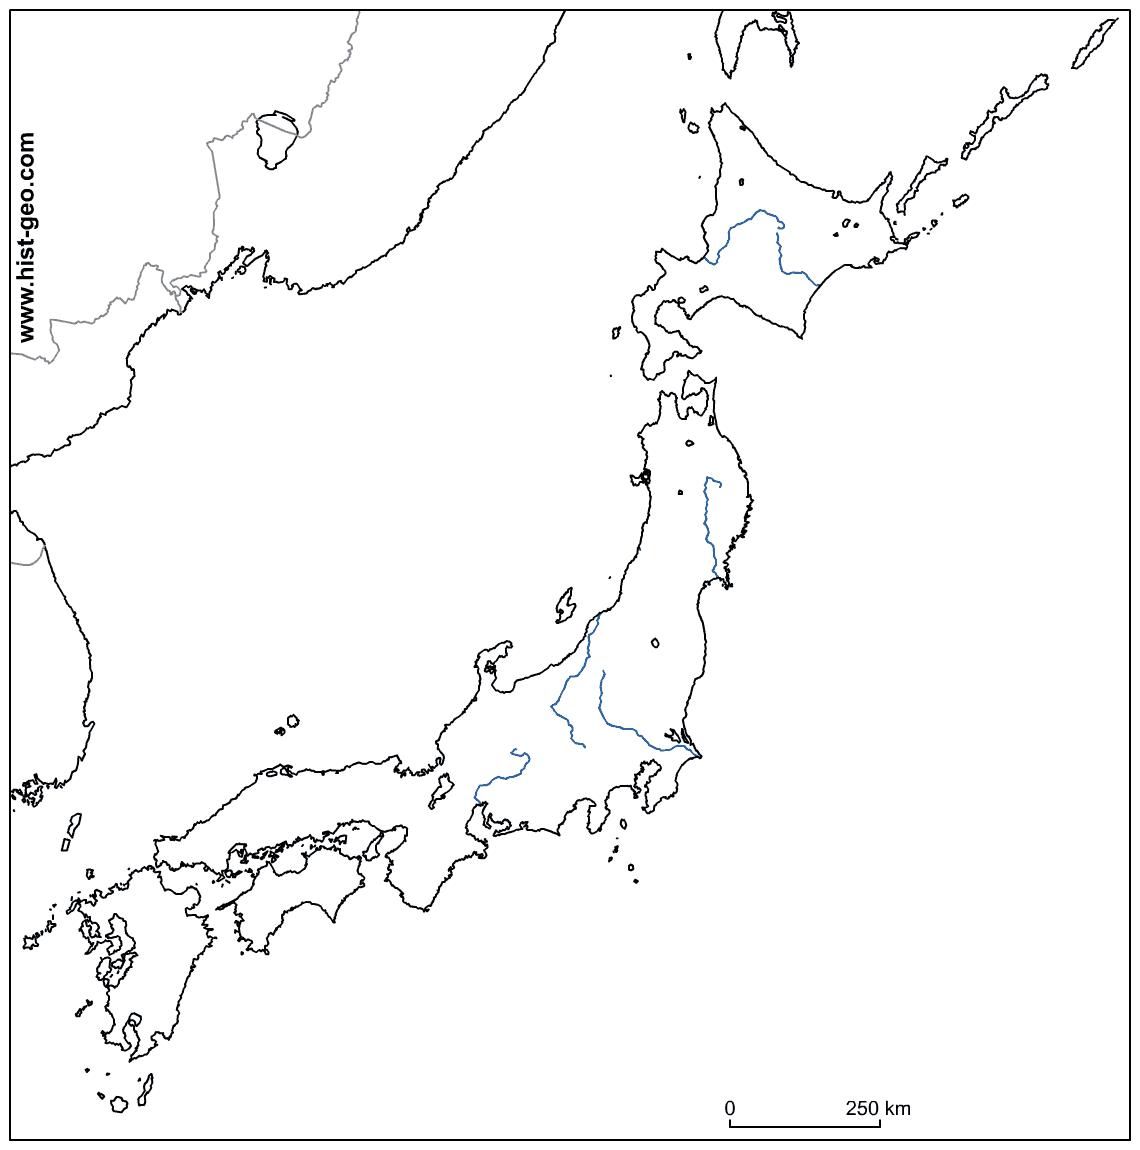 Printable map of Japan | Download Free Printable Graphics